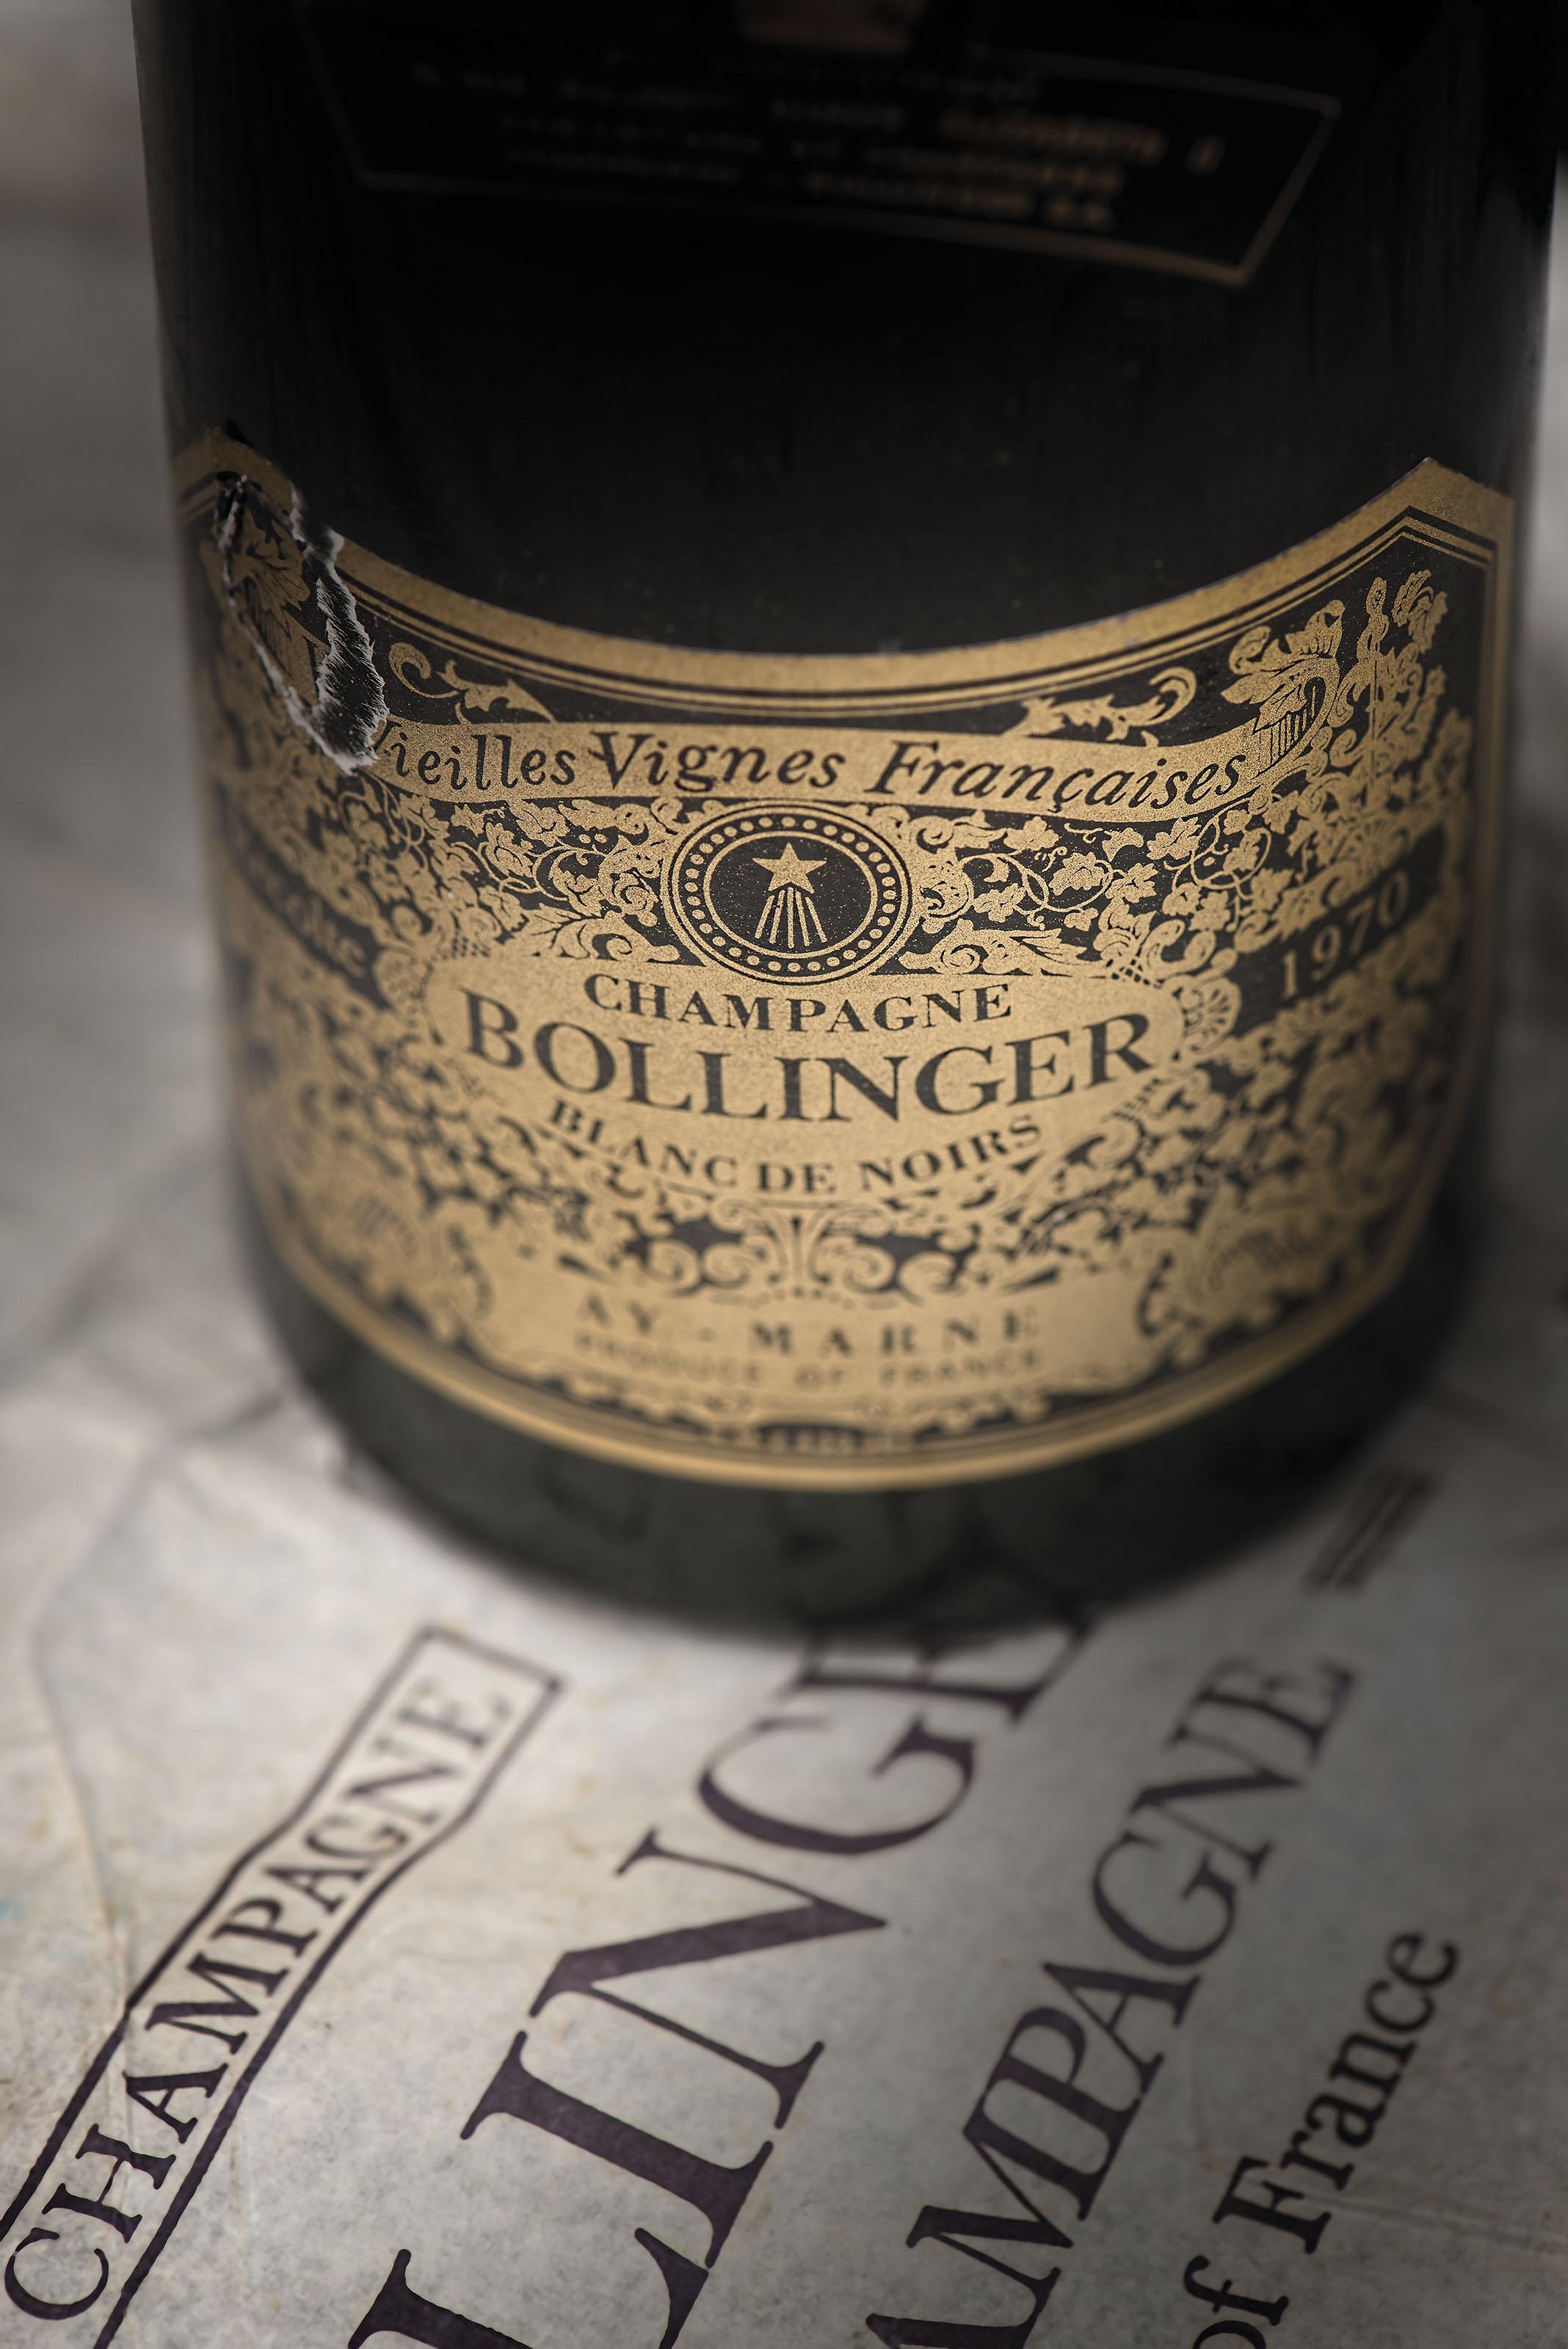 Bollinger Vieilles Vignes Fran